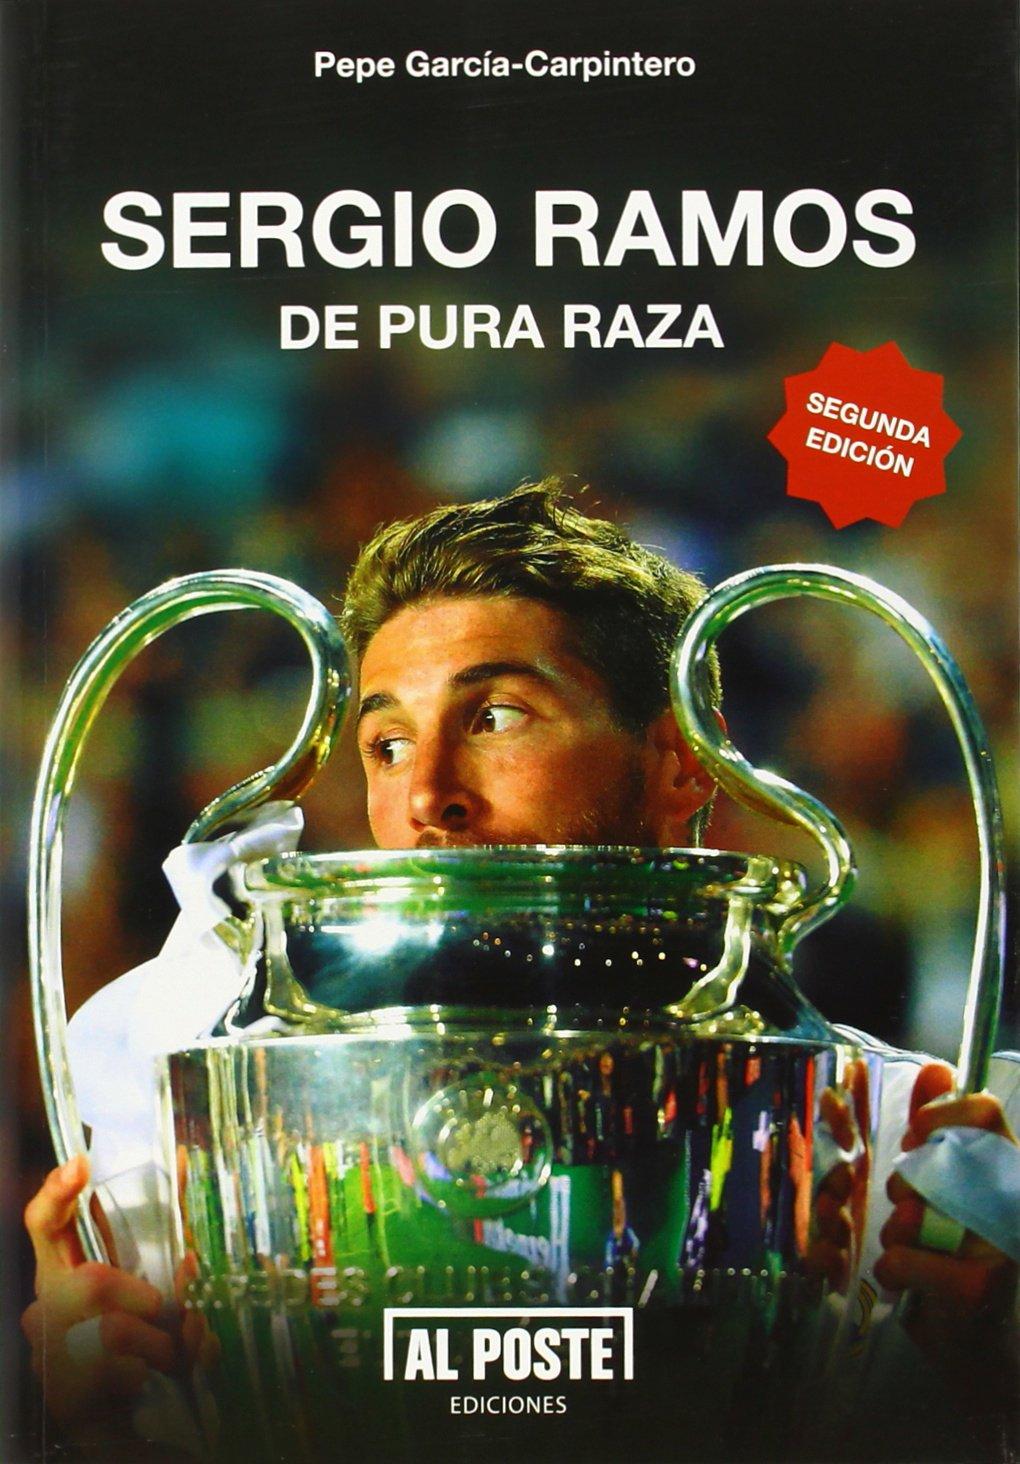 Sergio Ramos - 2ª Edición (DEPORTES - FUTBOL): Amazon.es: García-Carpintero, Pepe: Libros